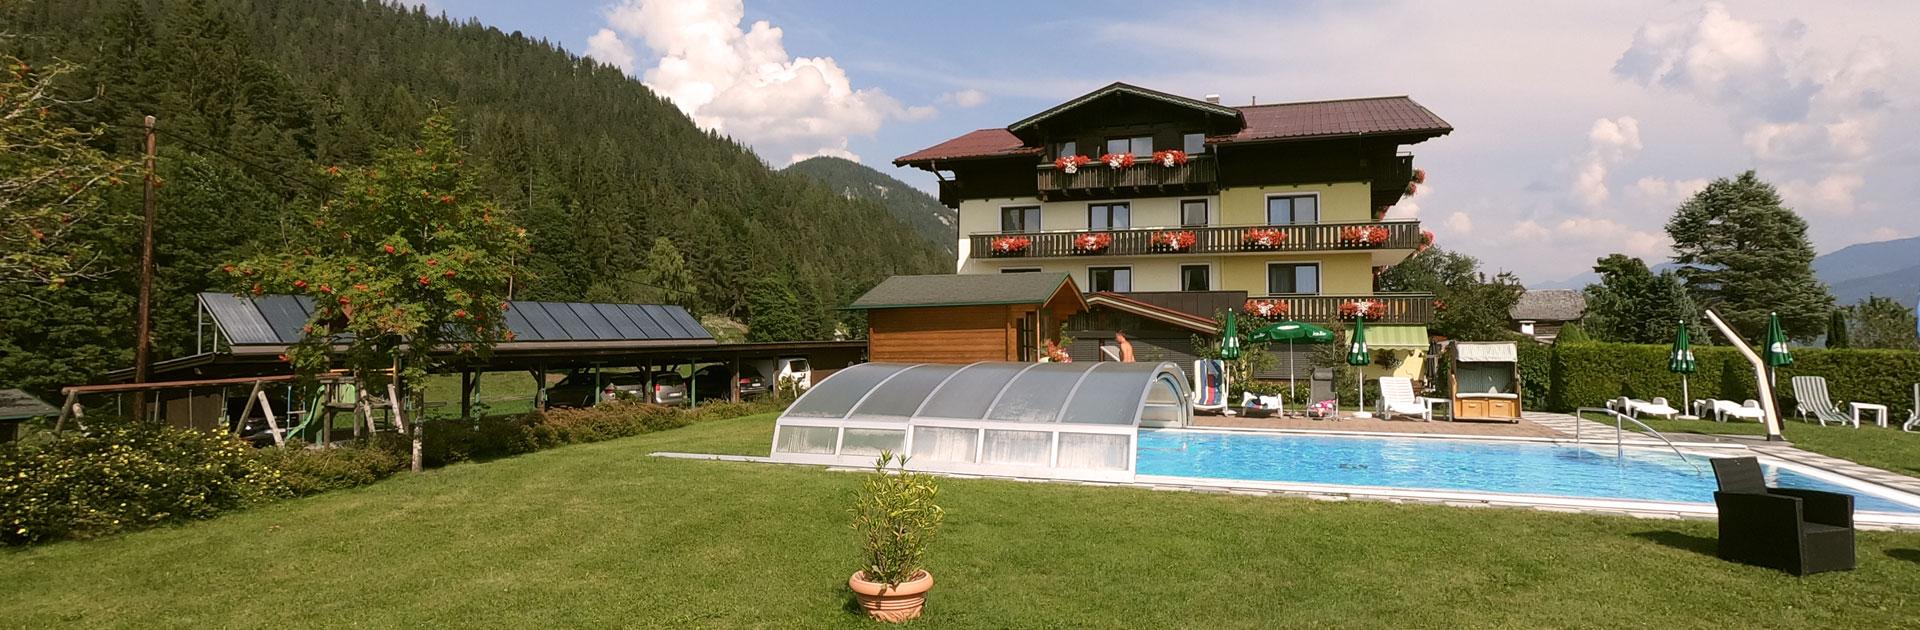 *** Stern Hotel Timmelbauerhof Außenpool